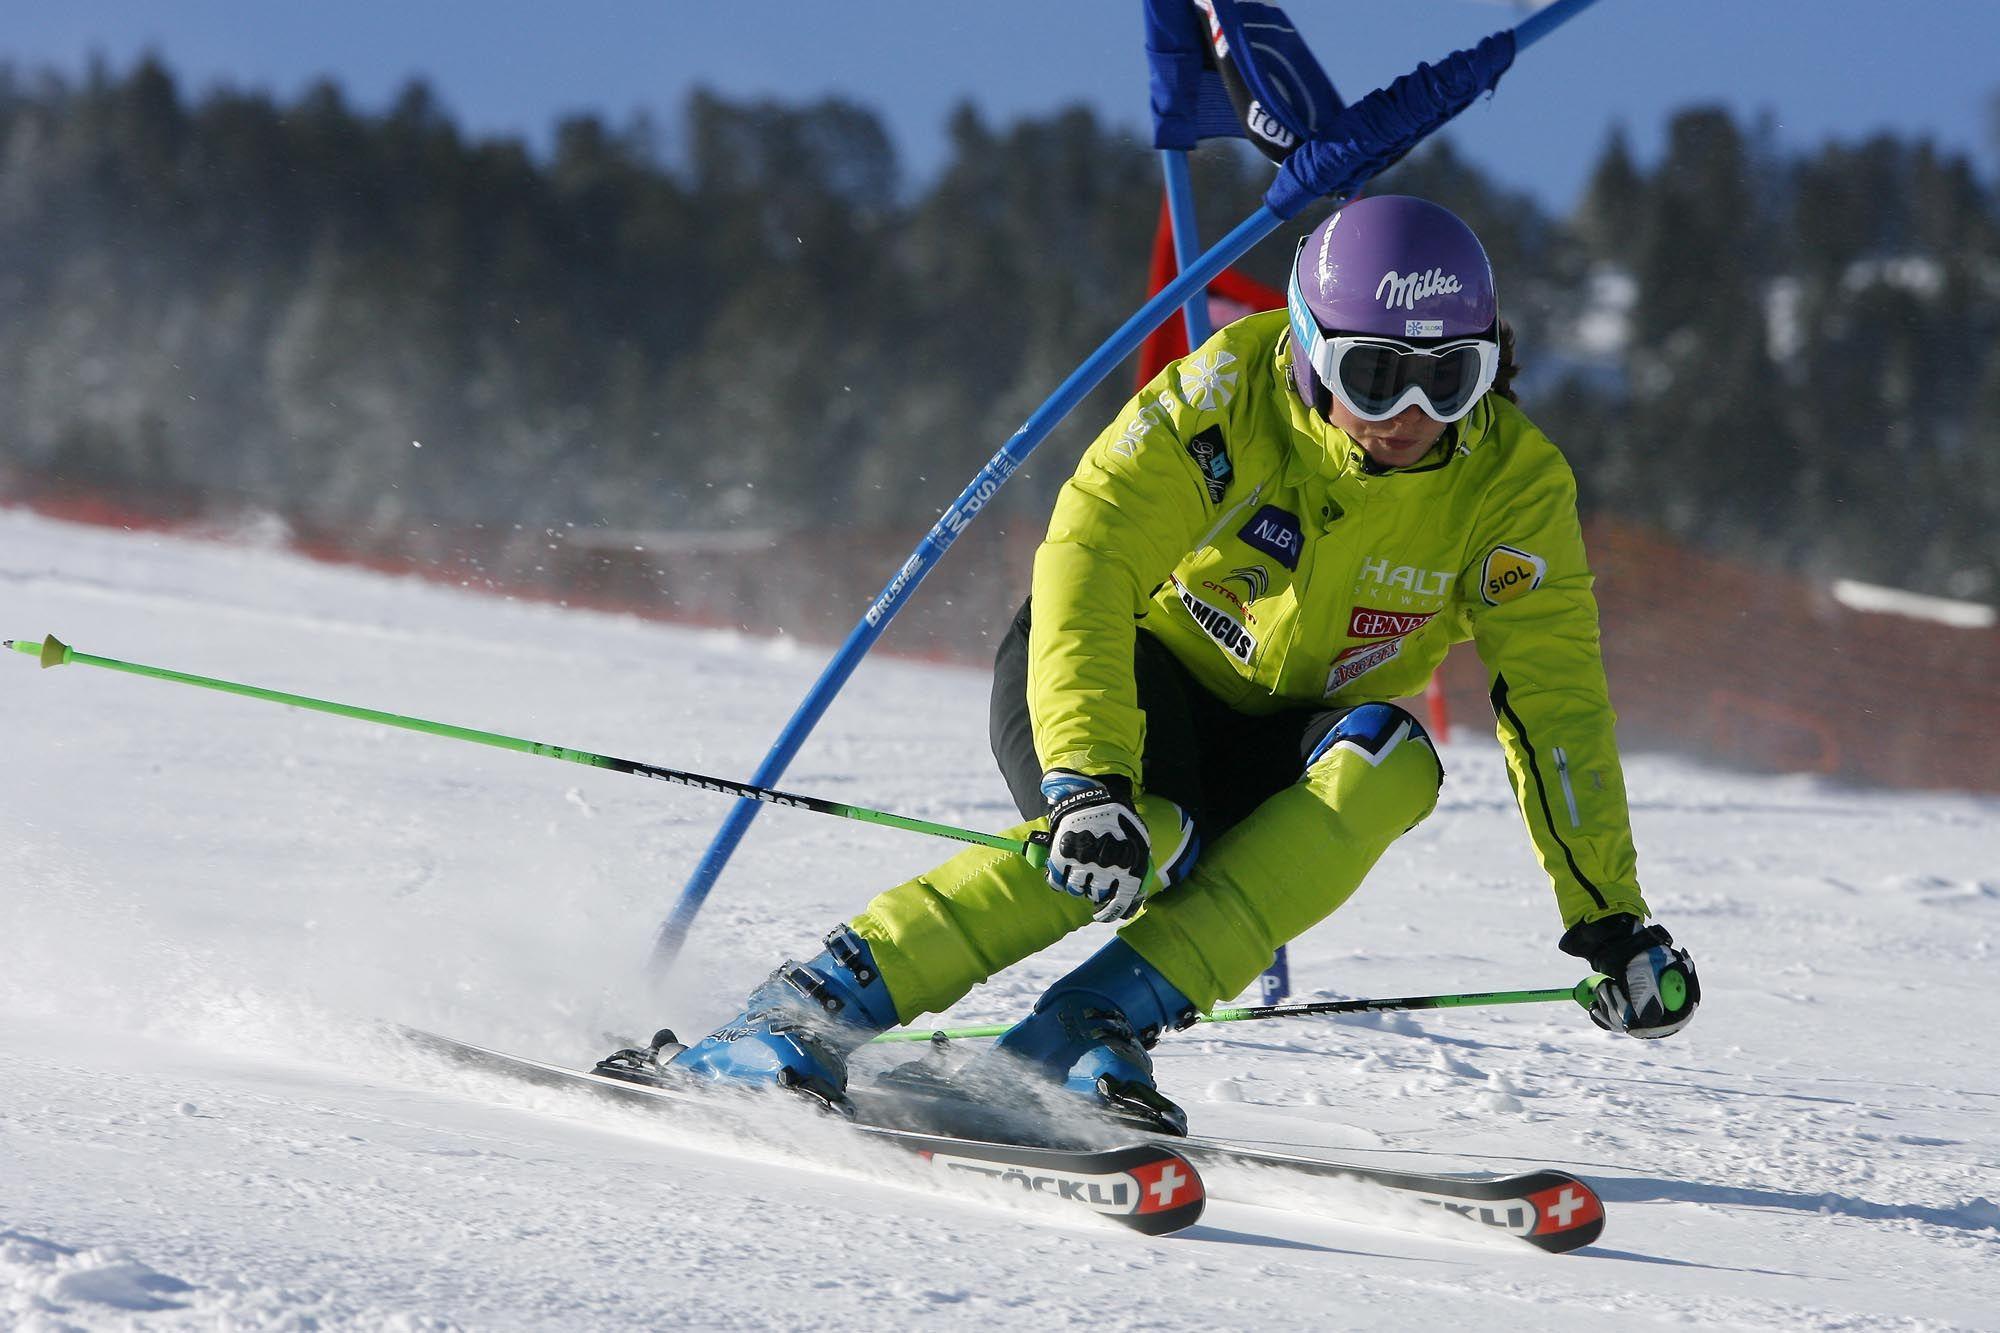 Tina Maze | Tina maze, Cup final, Skiing